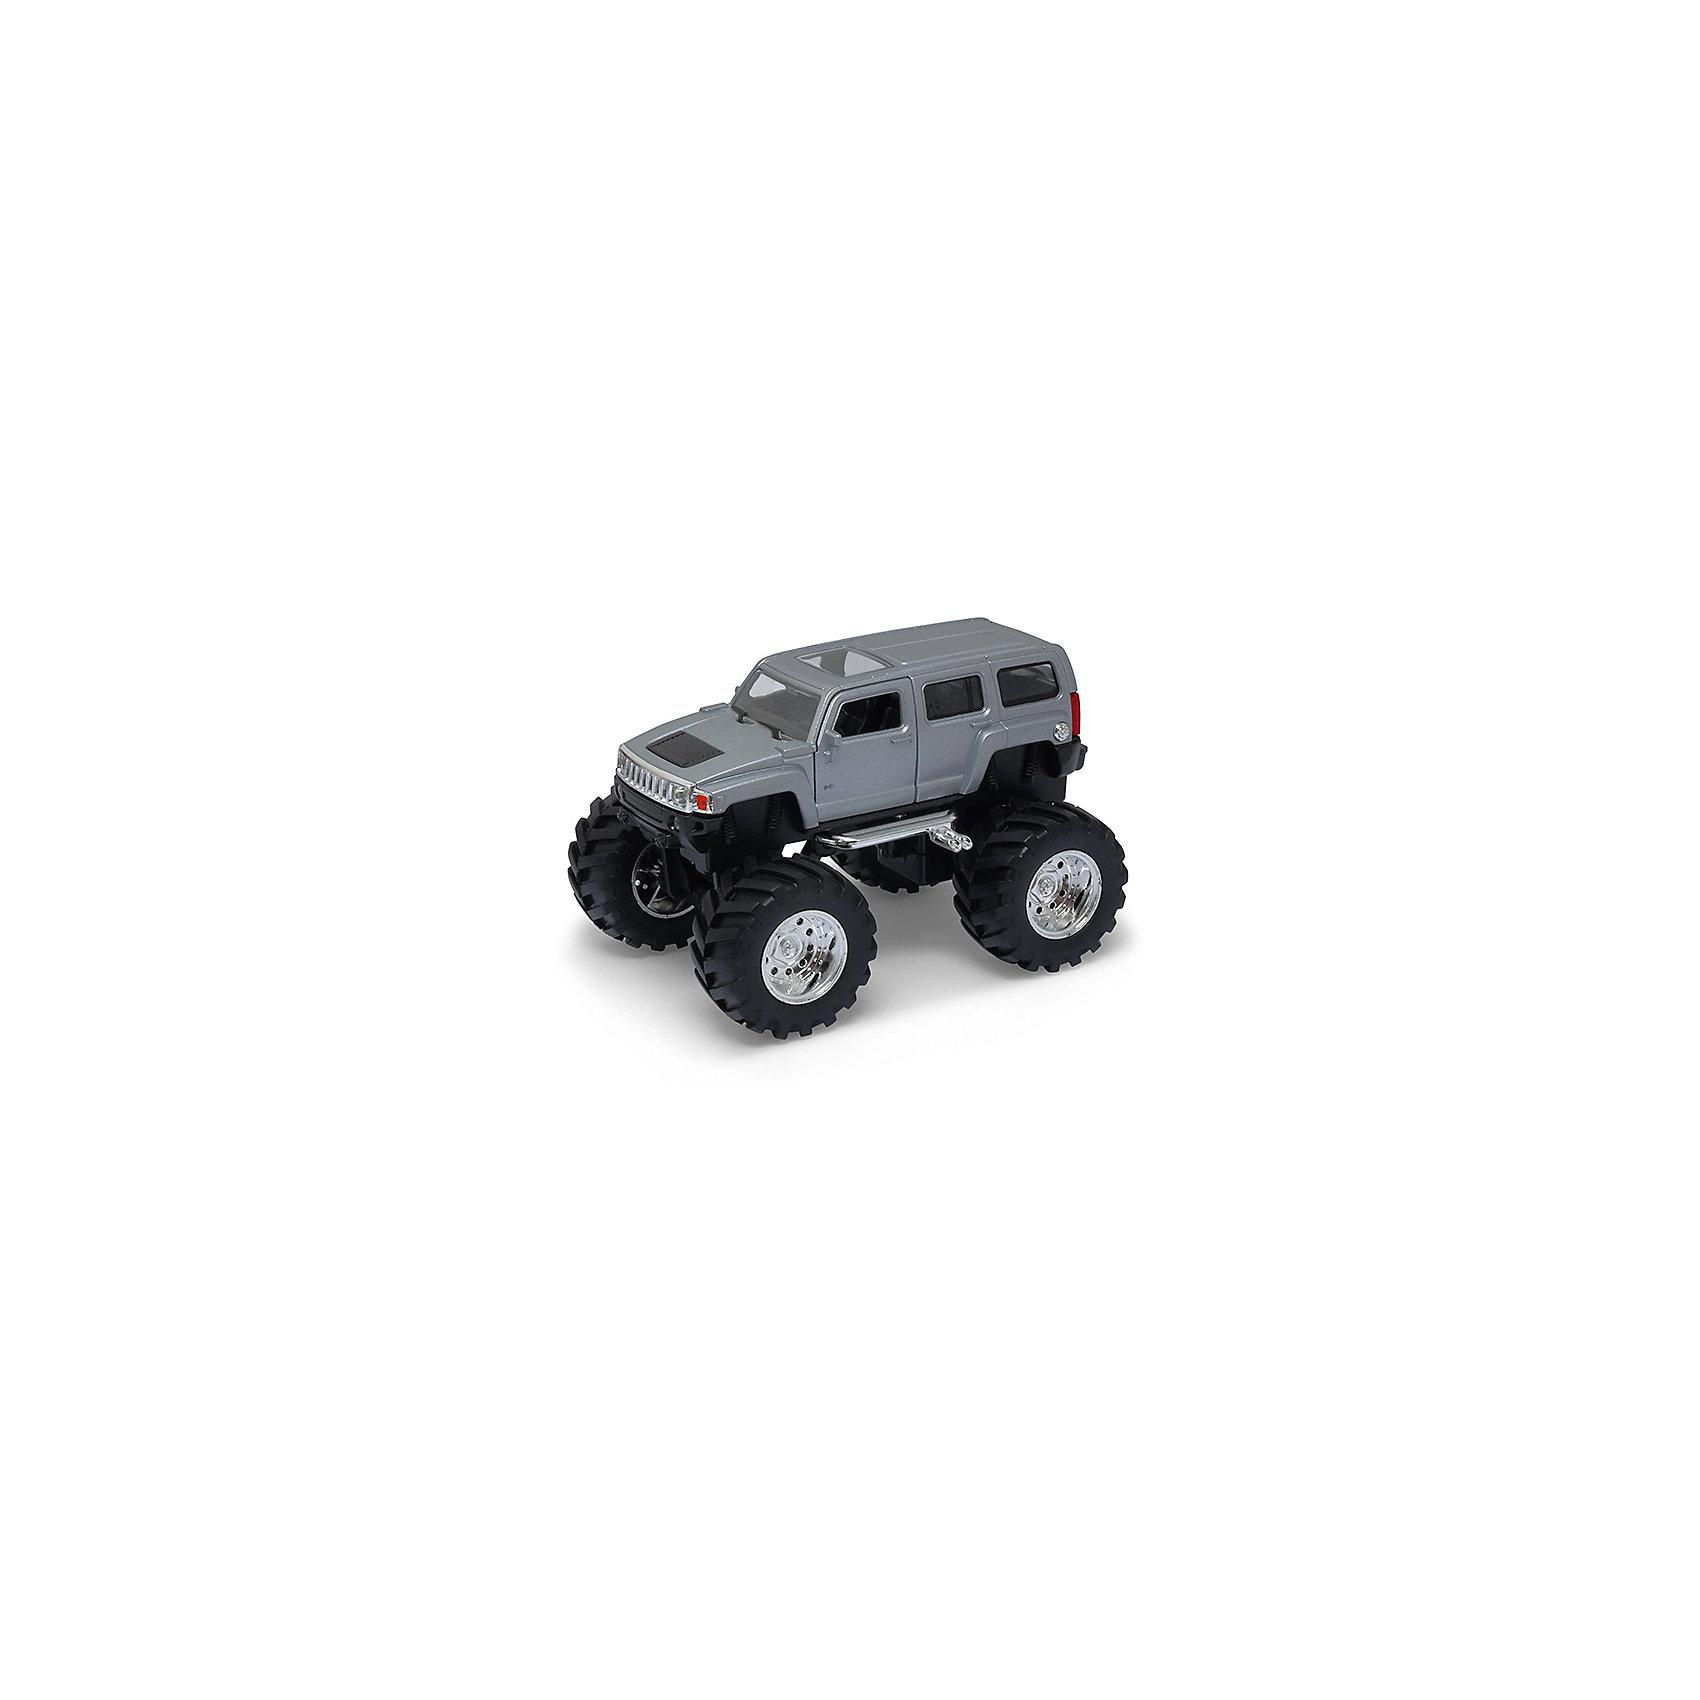 Модель машины 1:34-39 Hammer H3 Big Wheel, серебряная, WellyХарактеристики:<br><br>• тип автомобиля: внедорожник;<br>• открываются двери;<br>• прорезиненные колеса;<br>• наличие амортизаторов;<br>• инерционный механизм;<br>• масштаб: 1:34-39;<br>• материал: металл, пластик;<br>• размер упаковки: 15х11х6 см.<br><br>Устроить настоящие гонки на внедорожниках помогут машинки Hammer H3 Big Wheel. Мощные колеса, инерционный механизм, прочный корпус машинки дают возможность проводить соревнования снова и снова, машинки не бьются и не разбиваются. <br><br>Модель машины 1:34-39 Hammer H3 Big Wheel, серебряная, Welly можно купить в нашем магазине.<br><br>Ширина мм: 155<br>Глубина мм: 95<br>Высота мм: 100<br>Вес г: 291<br>Возраст от месяцев: 36<br>Возраст до месяцев: 2147483647<br>Пол: Мужской<br>Возраст: Детский<br>SKU: 5255013